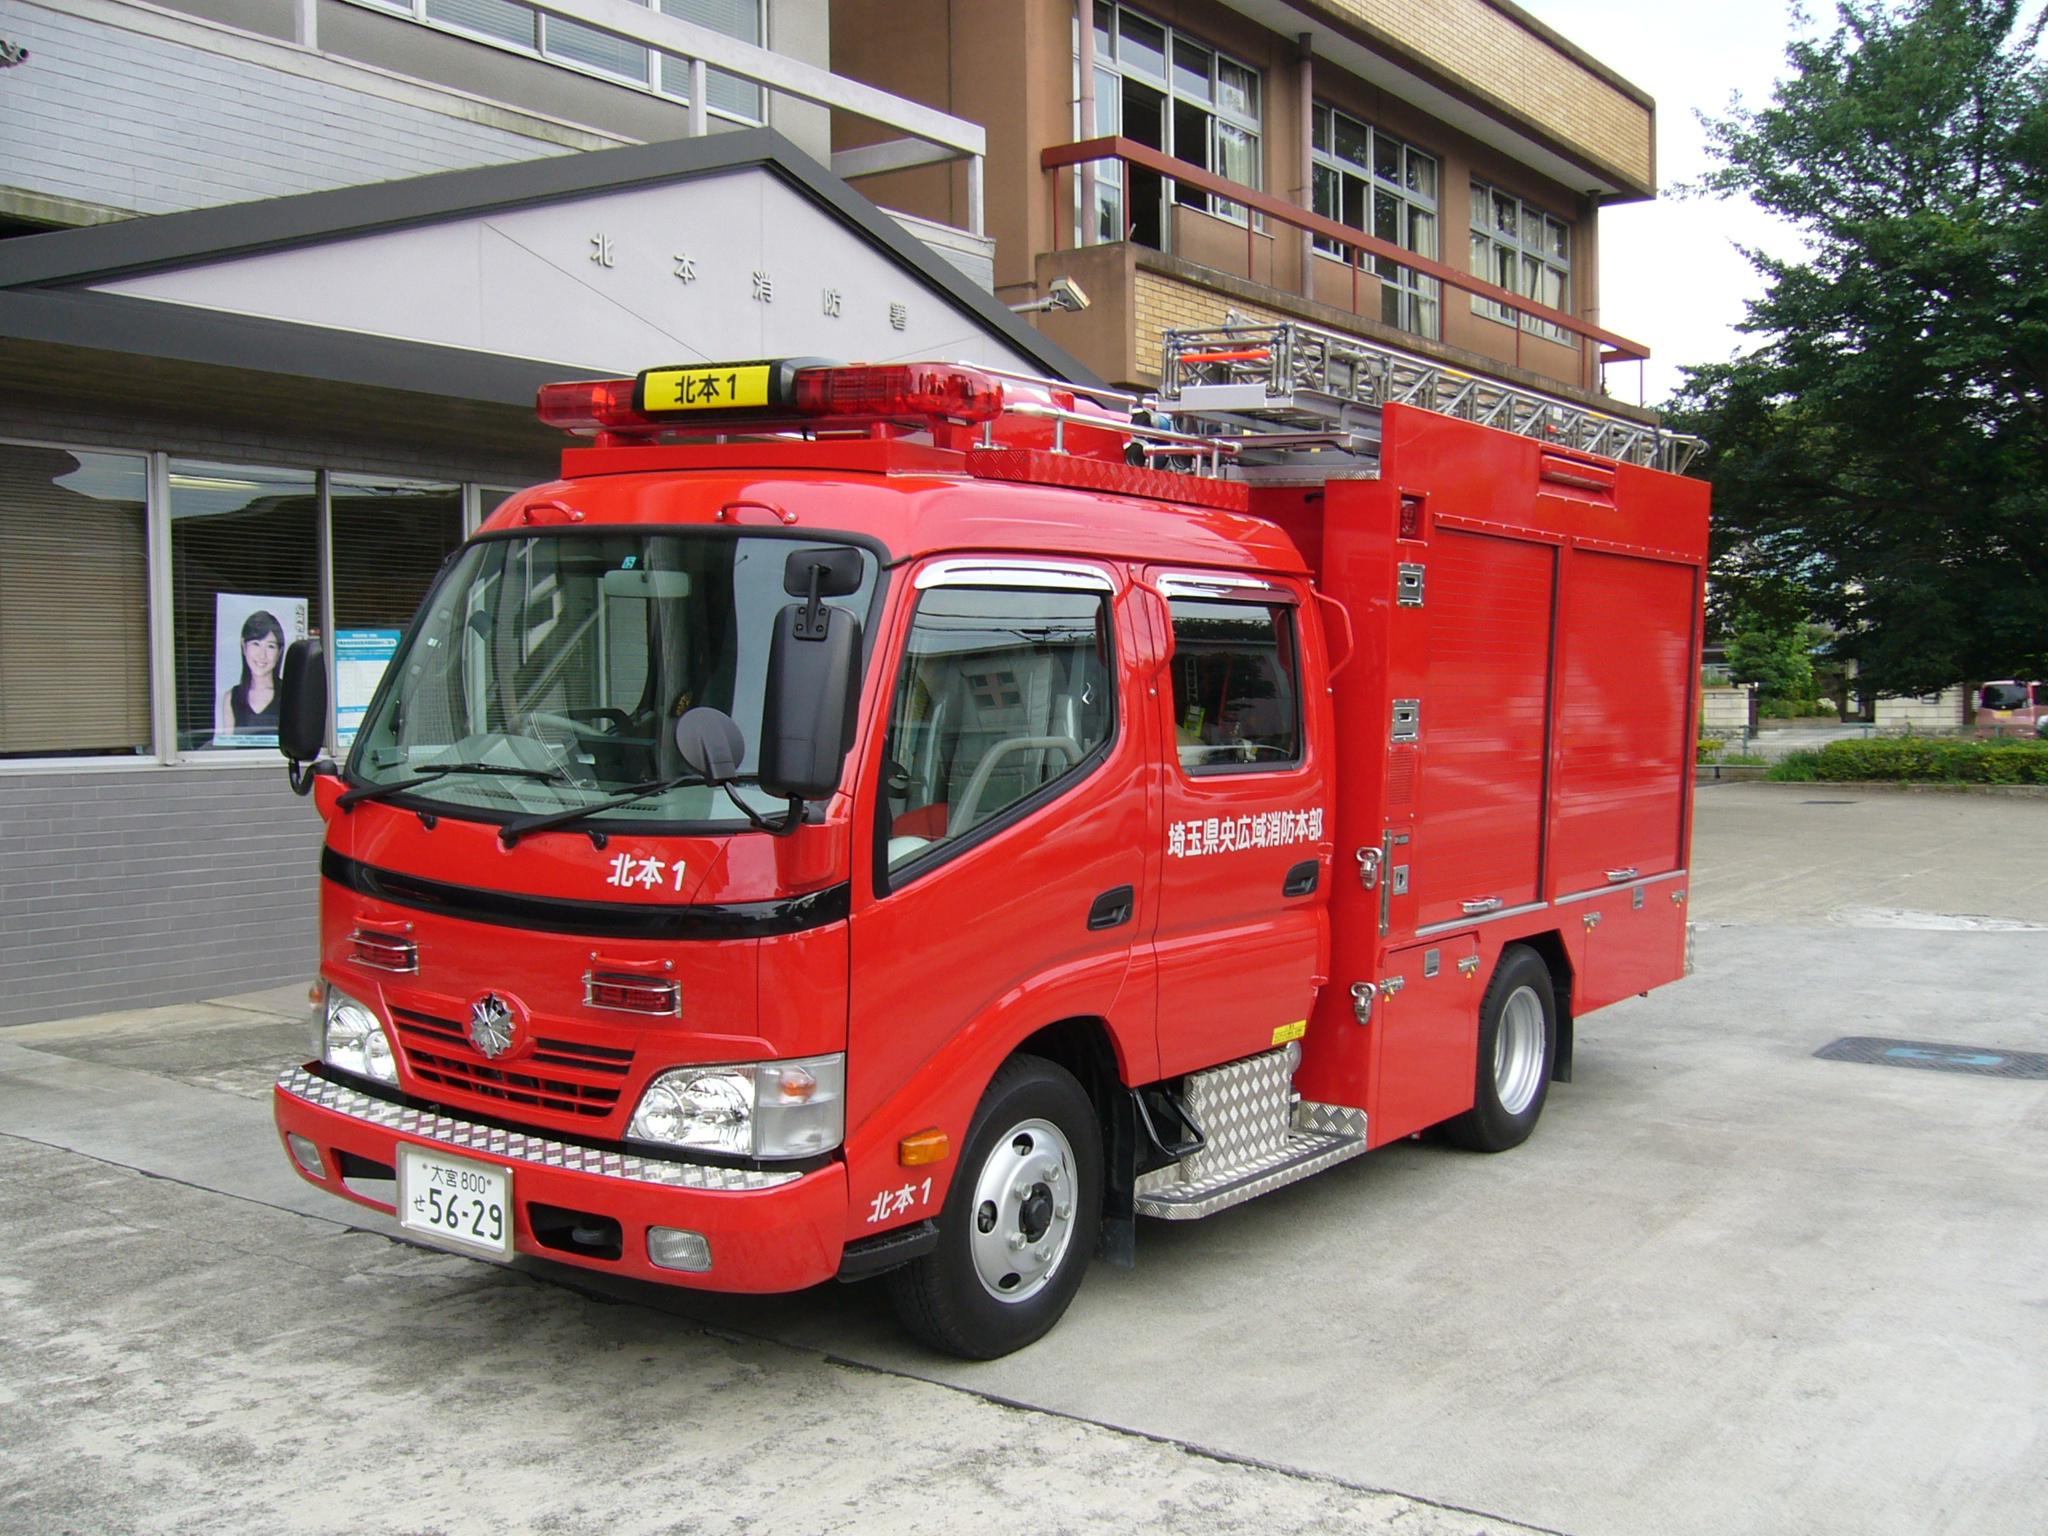 消防車 | [組圖+影片] 的最新詳盡資料** (必看!!) - www.go2tutor.com